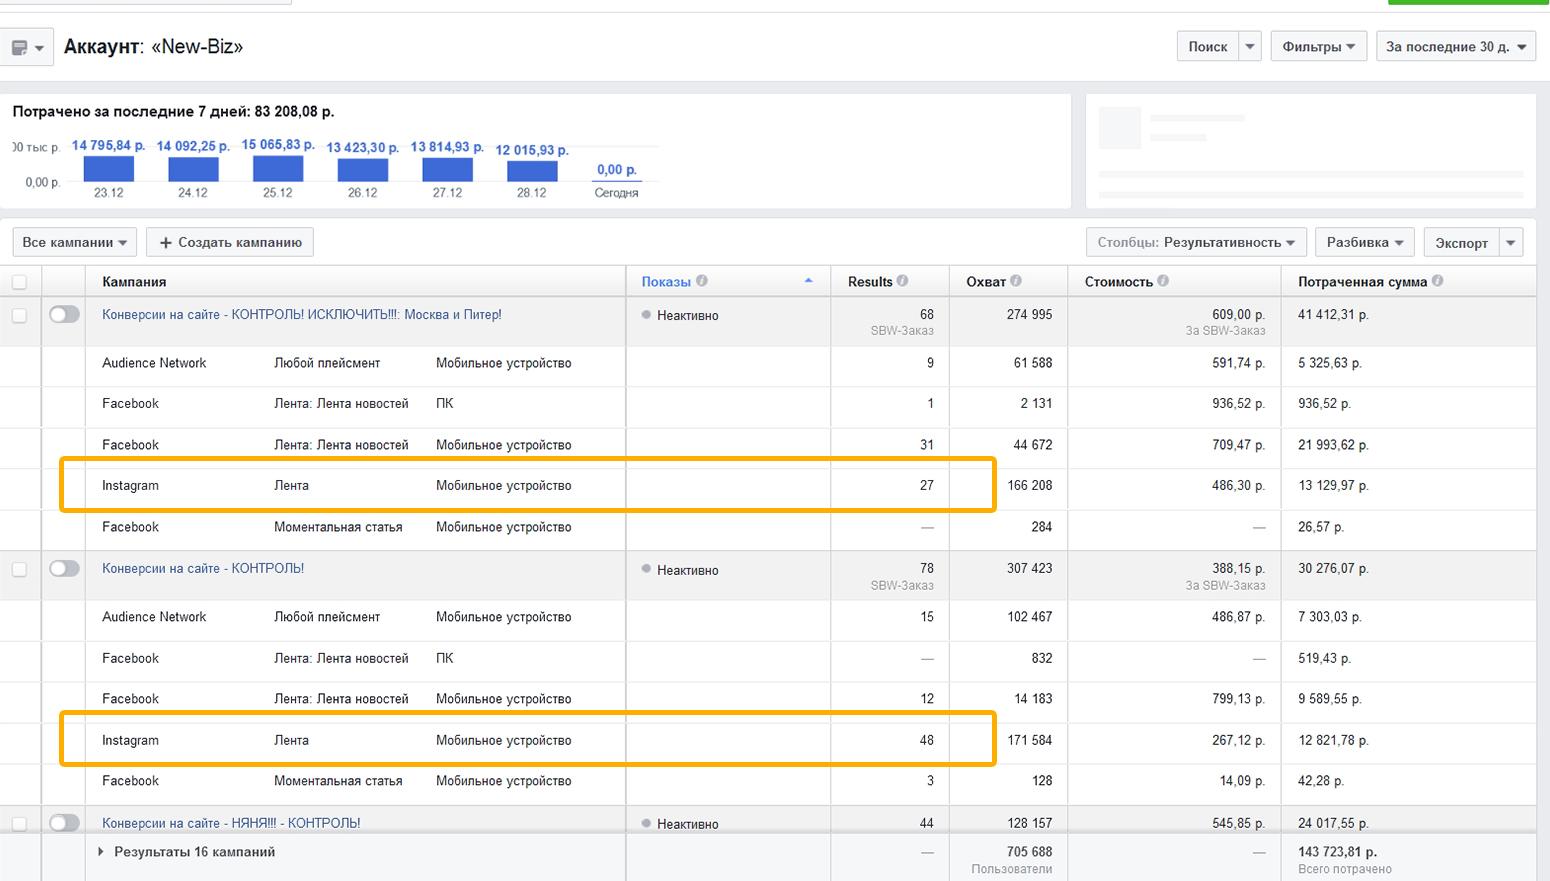 Сформированный подробный отчет в менеджере рекламы Фейсбук, где видна детализация по каждому плейсменту, в том числе и Инстаграм, по полученным конверсиям.